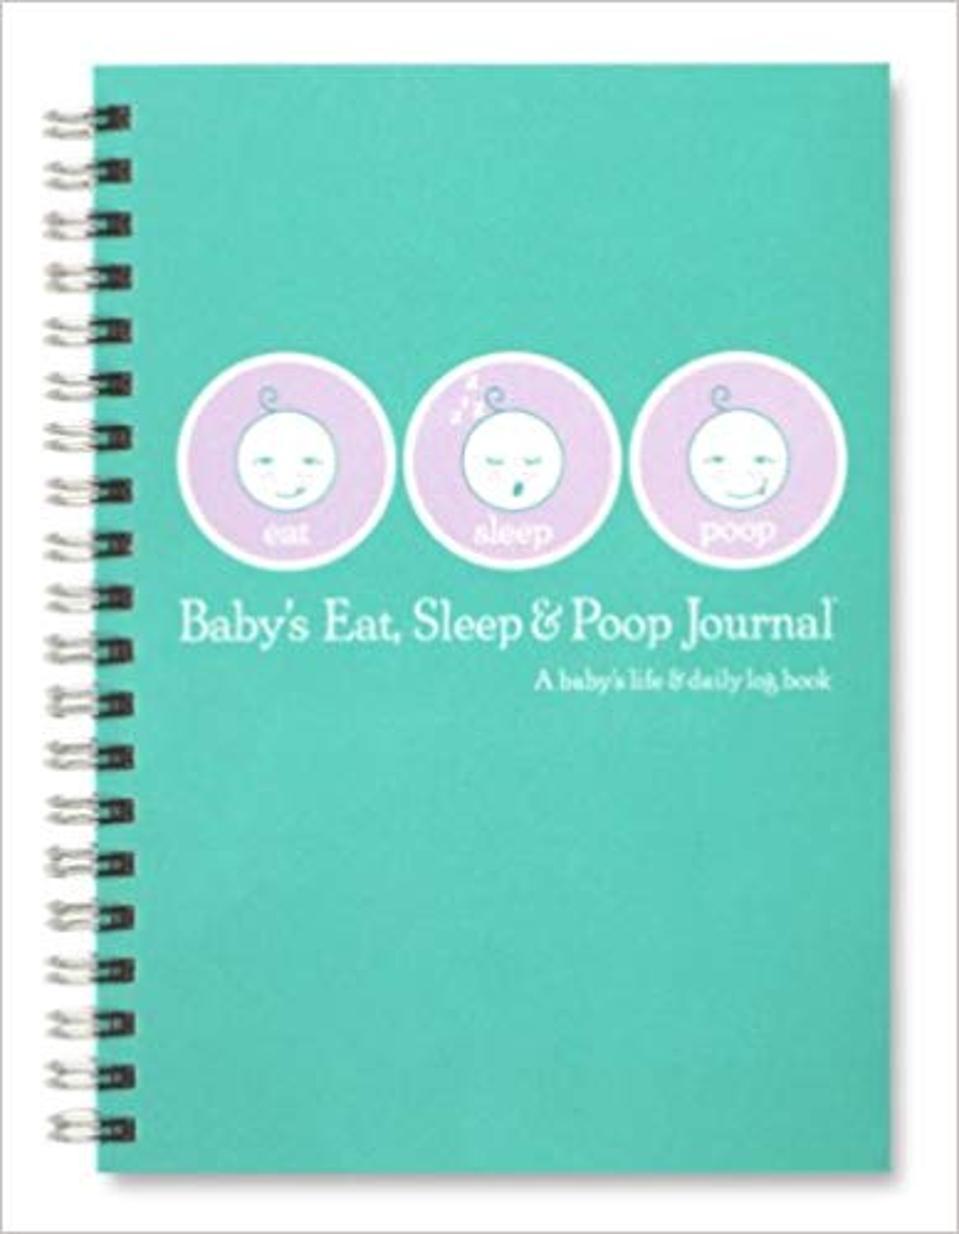 Baby's Eat, Sleep & Poop Journal, Log Book